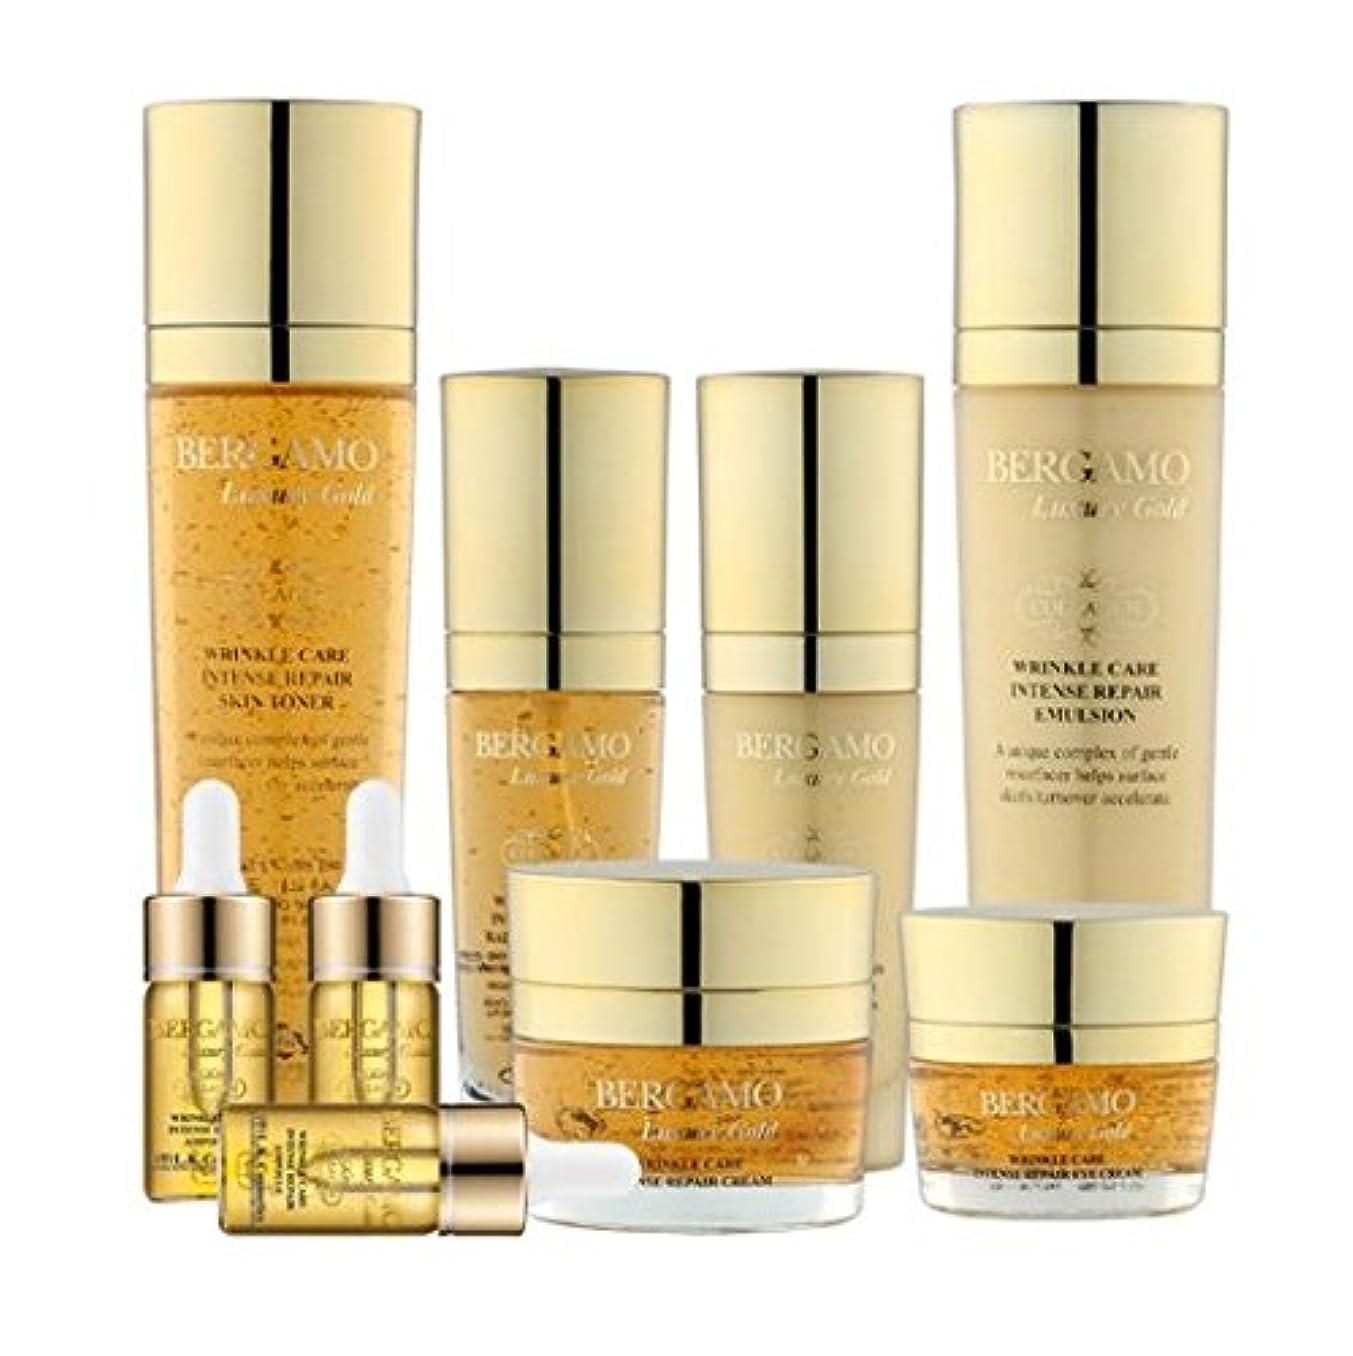 水分公早くベルガモ[韓国コスメBergamo]Luxury Gold Collagen Set ラグジュアリーゴールドコラーゲン9セット,ギフトセット,トナー,エマルジョン,エッセンス、アイクリーム、クリーム、アンプル [並行輸入品]